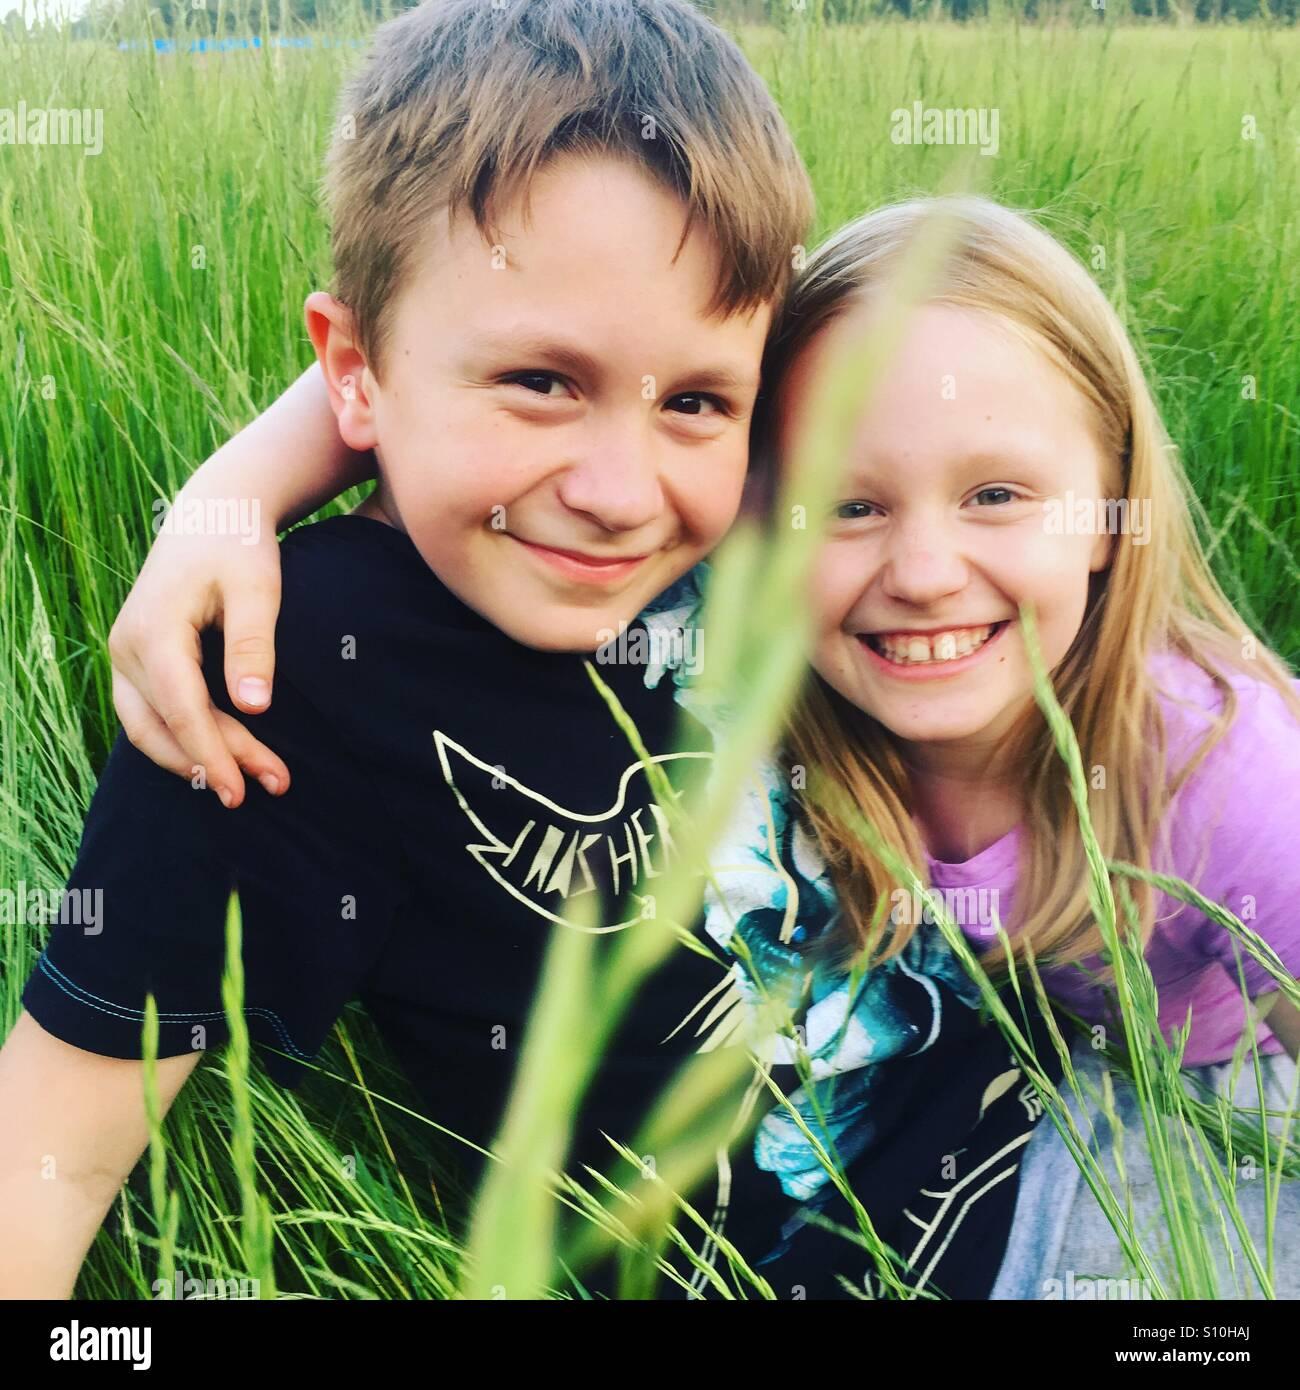 Feliz hermanos abrazarse mutuamente y sonriente, sentado afuera en un alto sobre una fina hierba verde, Hermoso, Imagen De Stock